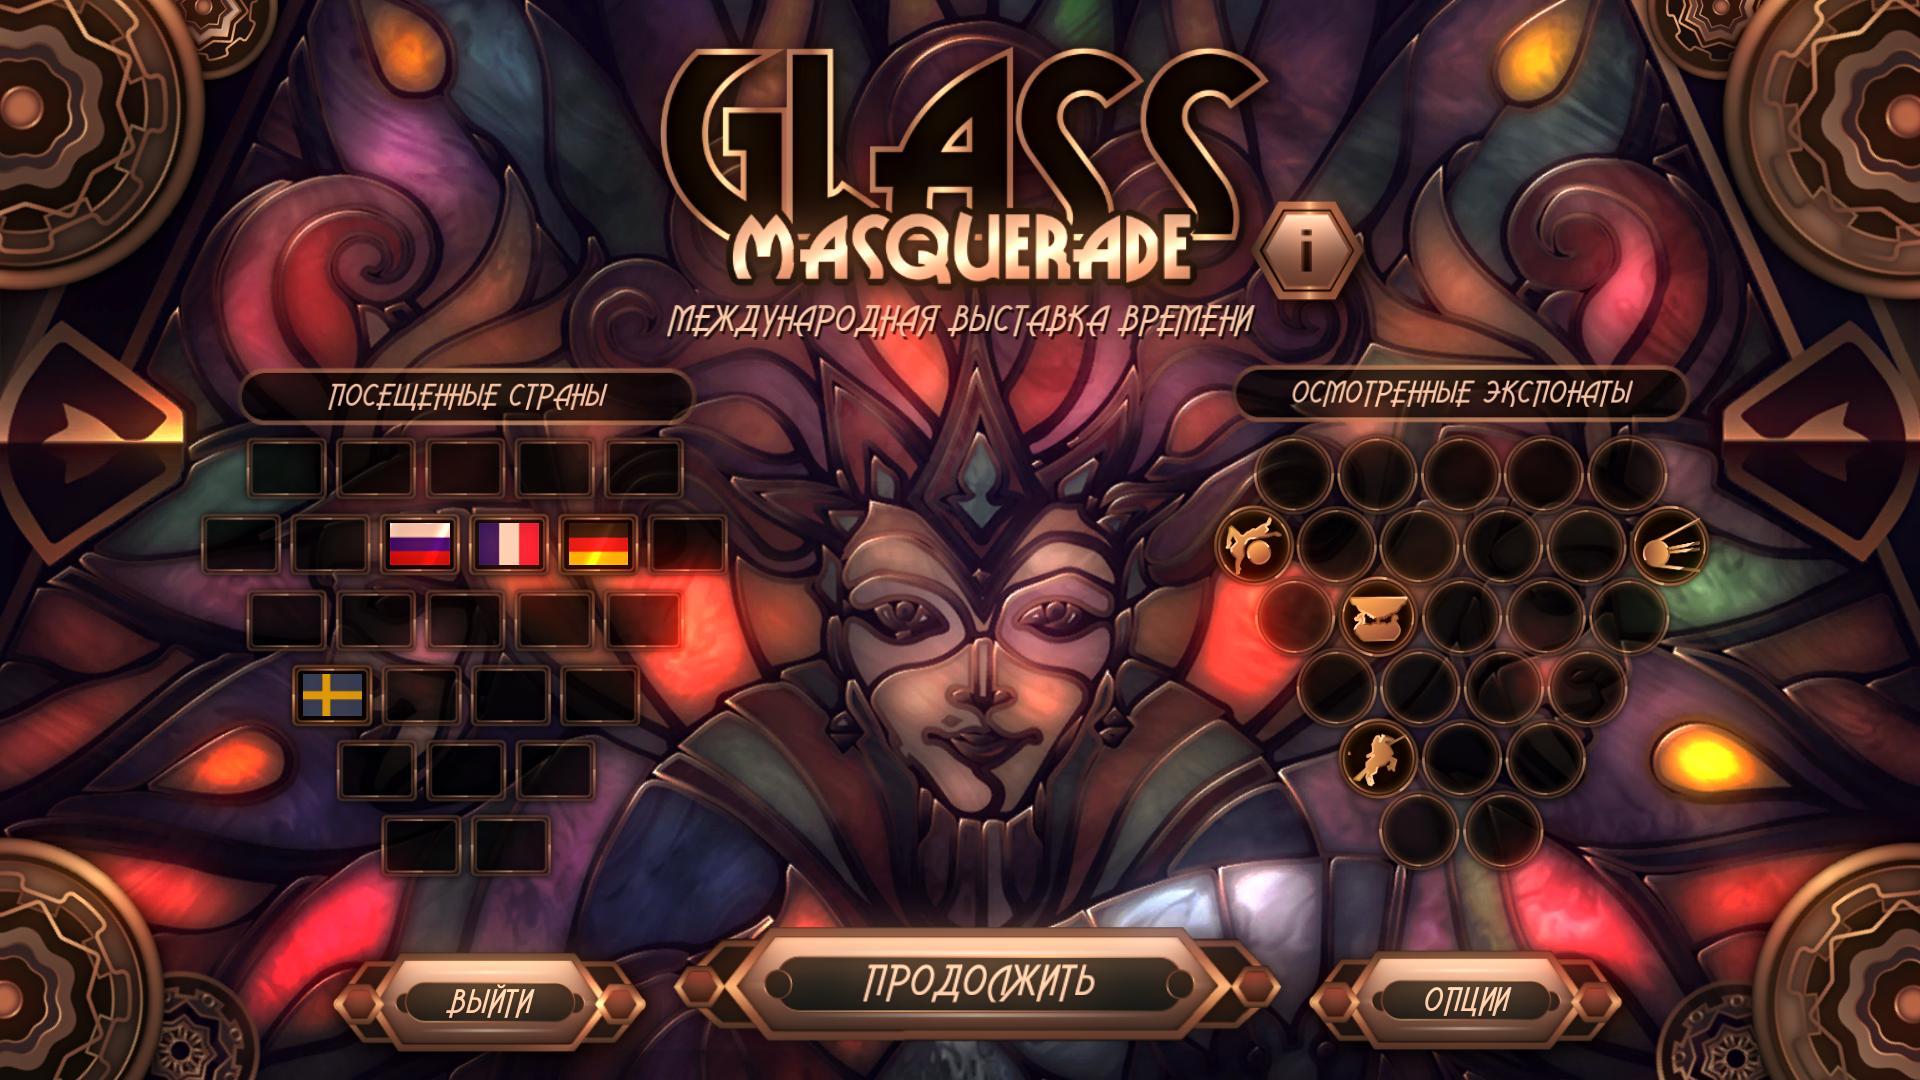 Стеклянный маскарад: Международная Выставка Времени | Glass Masquerade: International Times Exhibition (Rus)